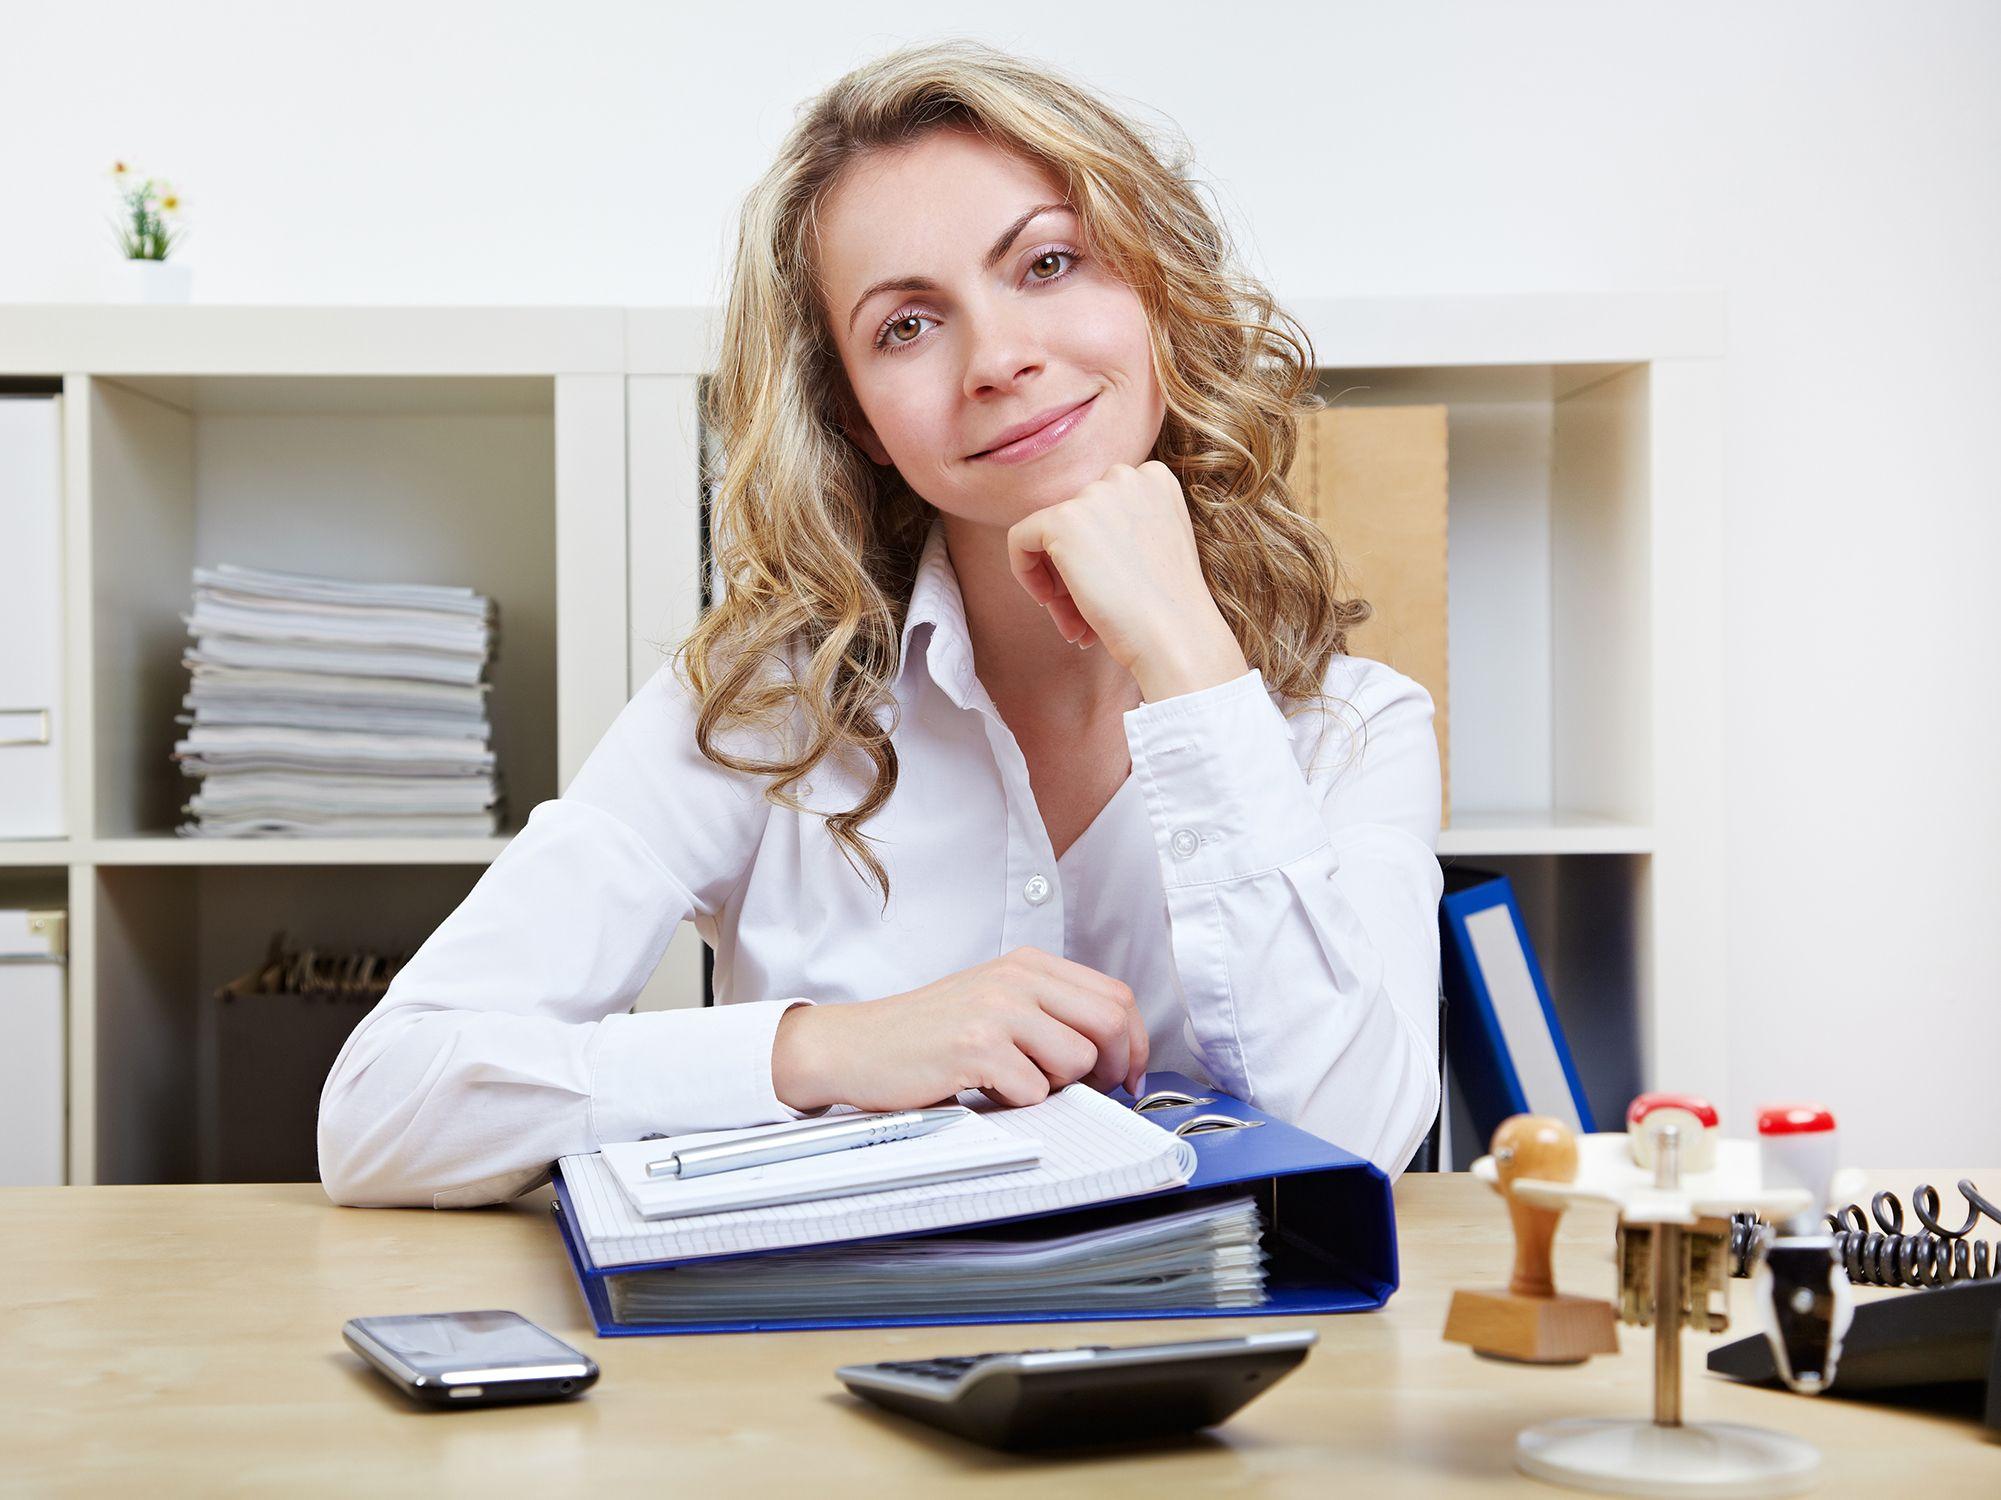 Level 2 - Sachbearbeiter, Bürosachbearbeiter, Personalsachbearbeiter, Verkaufssachbearbeiter, Sachbearbeiterin (Auftragsabwicklung), Sachbearbeiterin im Sekretariat, Sachbearbeiterin (Auftragsbearbeitung), Clerk, Bürohilfskraft, Bürofachkraft, Bürokraft, Leiharbeiter, Zeitarbeiter, Leiharbeitnehmer, Leihkraft, Temporärarbeiter für Büros, Büroarbeit, Büroaufgaben, Bürotätigkeiten, Büroorganisation, Urlaubsvertretung und Rekrutierung bei uns als Personalagentur, Zeitarbeitsfirma, Zeitarbeitsunternehmen, Personal-Service-Agentur, Personaldienstleistungsagentur und Leiharbeitsfirma per Arbeitnehmer-Leasing, Arbeitnehmerüberlassung, Arbeitskräfte-Leasing, Arbeitskräfteüberlassung, Arbeitskraftüberlassung, Leiharbeit, Mitarbeiter-Leasing, Mitarbeiterleasing, Mitarbeiterüberlassung, Personaldienstleistung, Personalleasing, Personalüberlassung, Temporärarbeit, Zeitarbeit buchen, mieten, leihen oder langfristig neue Mitarbeiter für Jobs wie Schülerjobs, Ferienjobs, Aushilfsjobs, Studentenjobs, Werkstudentenjobs, Saisonjobs, Vollzeit Jobs, Teilzeit Jobs, Nebenjobs, Temporär Jobs, Gelegenheitsjobs per Personalvermittlung suchen, finden und vermittelt bekommen.